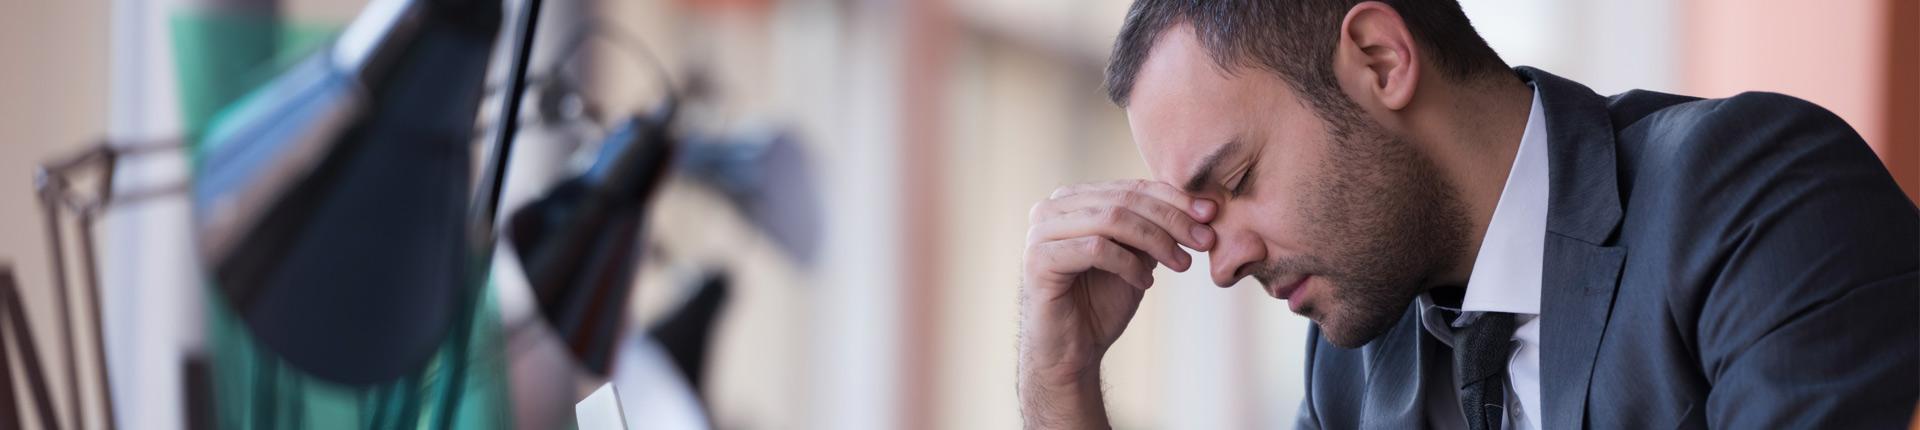 Czy kortyzol i stres sprzyjają nowotworom?